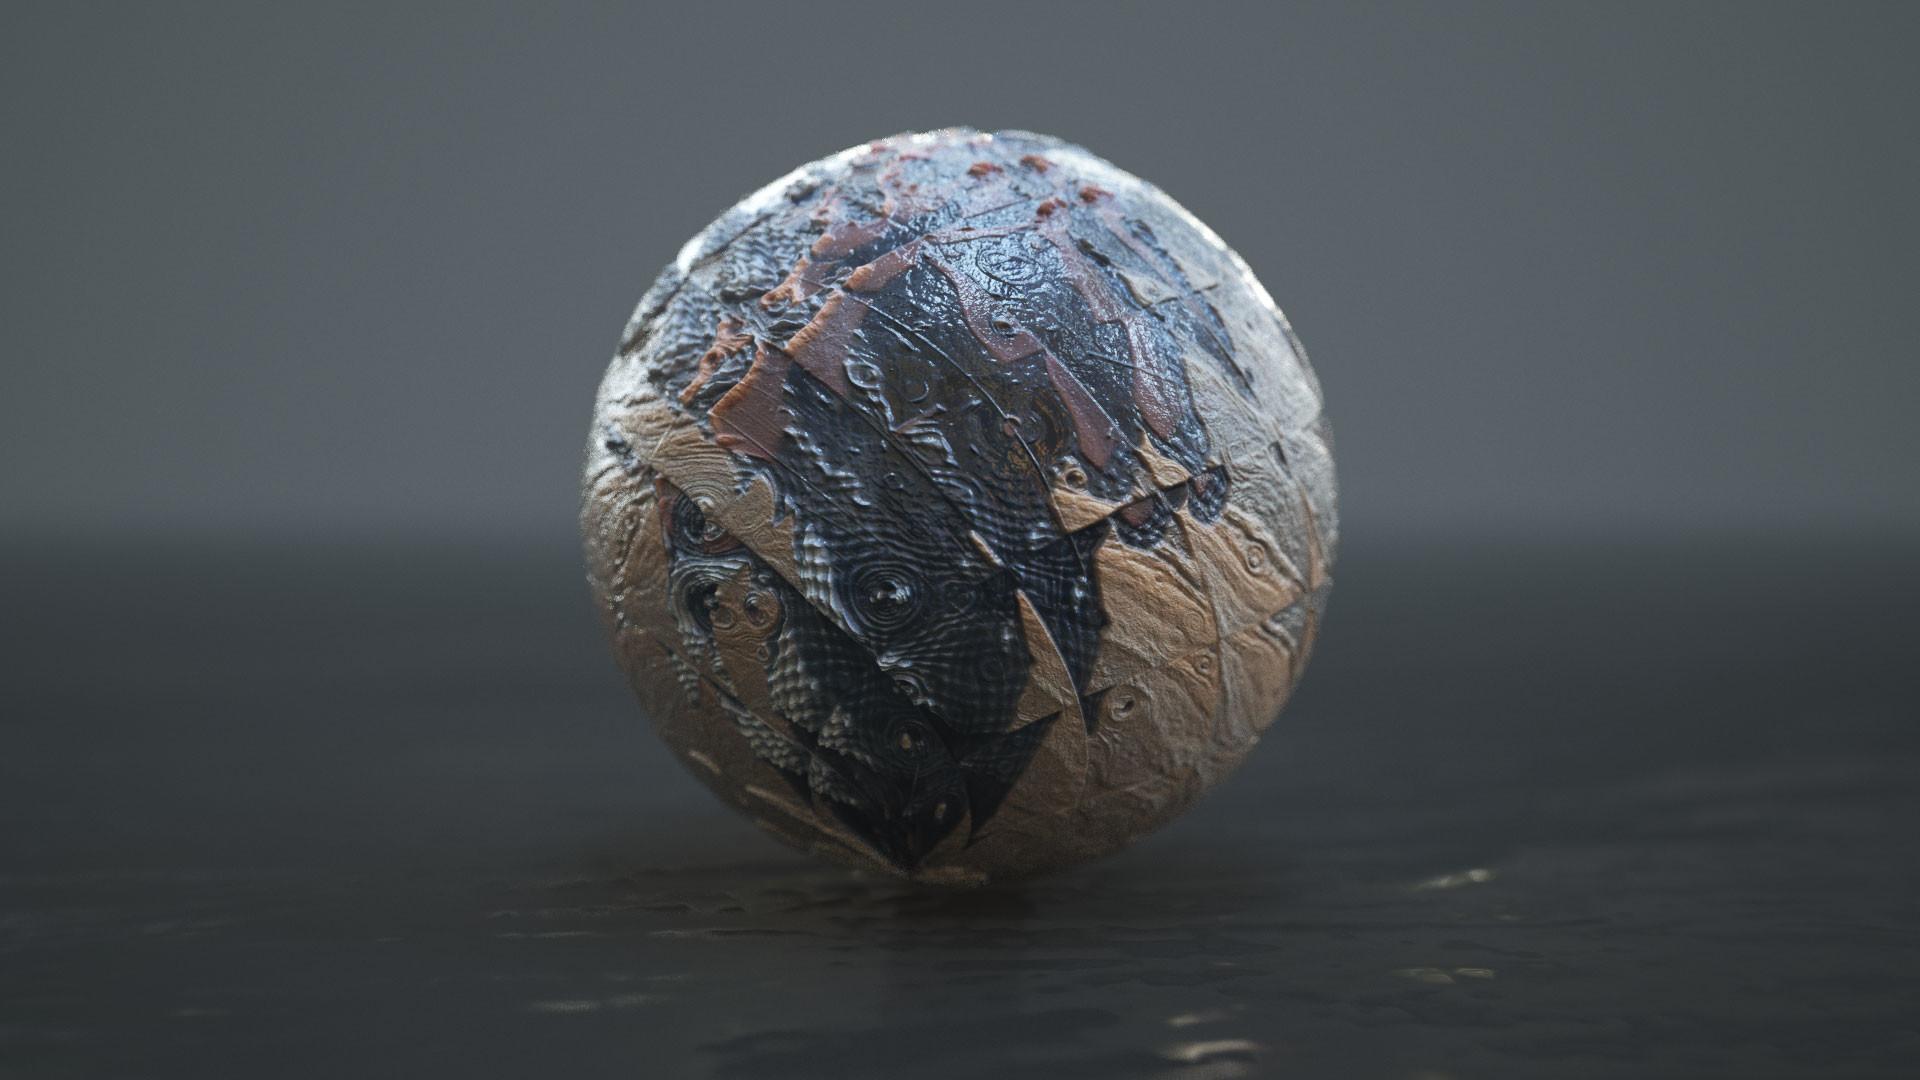 Ry cloze newworld41